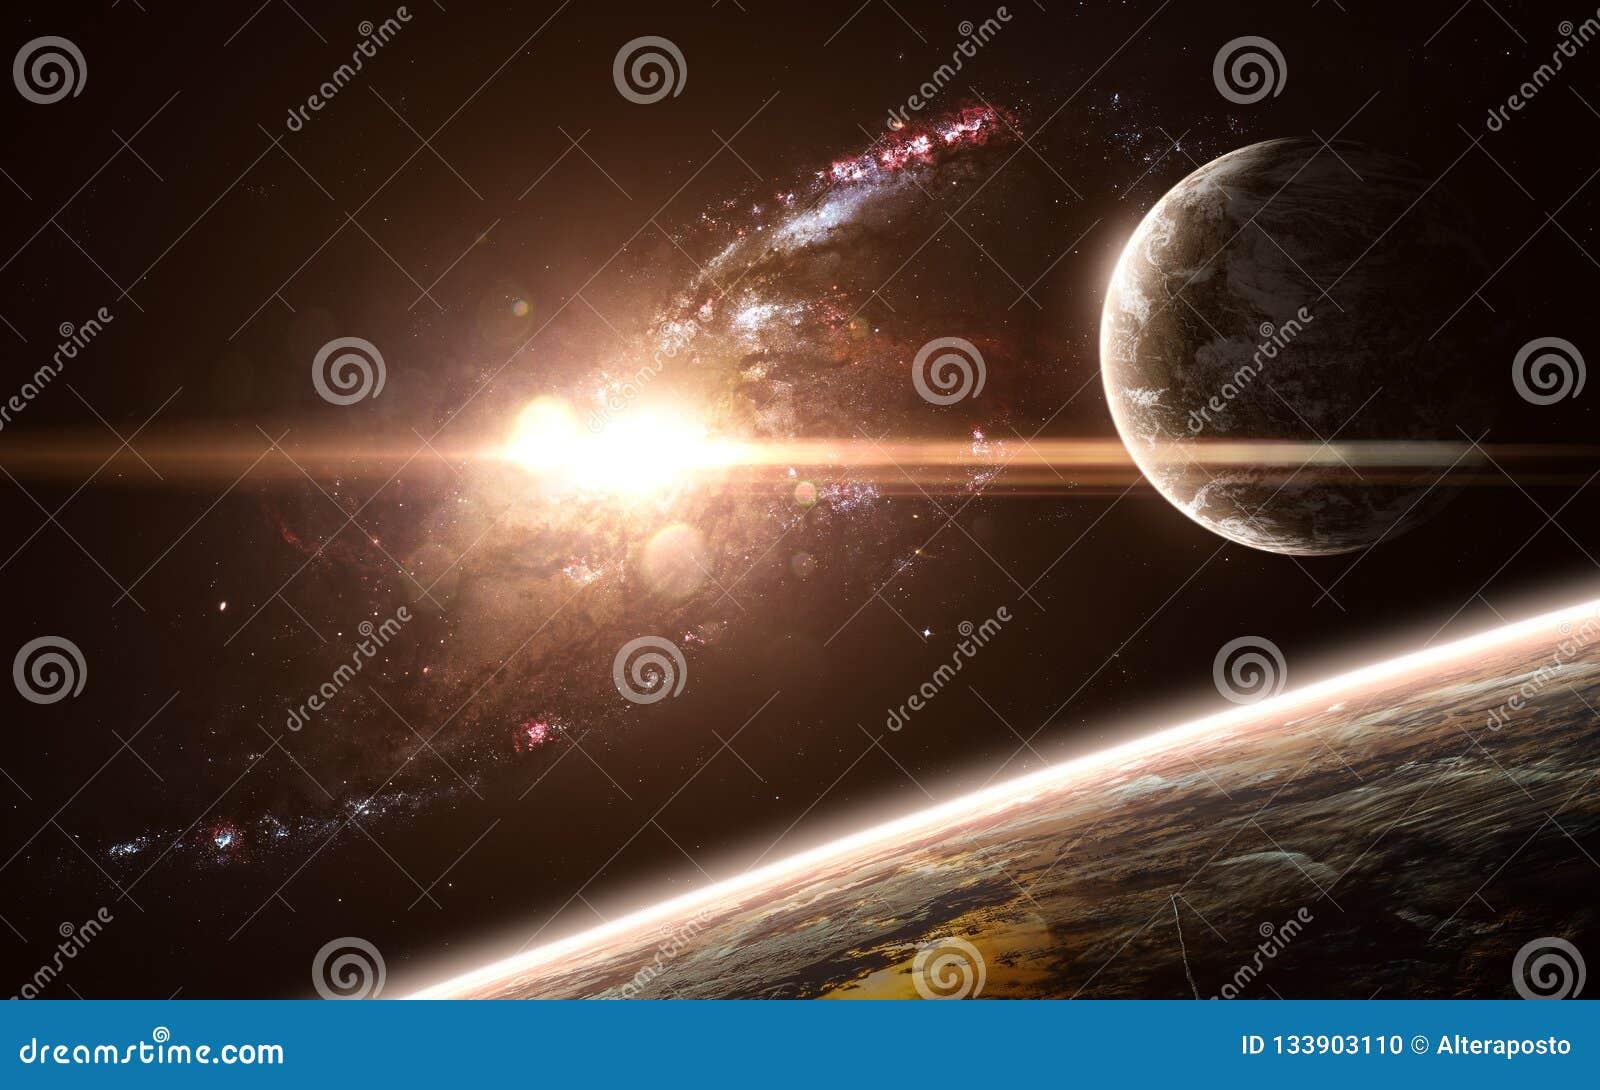 Planeten, Galaxie, schöne Raumlandschaft Abstrakte Zukunftsromane Elemente des Bildes wurden von der NASA geliefert